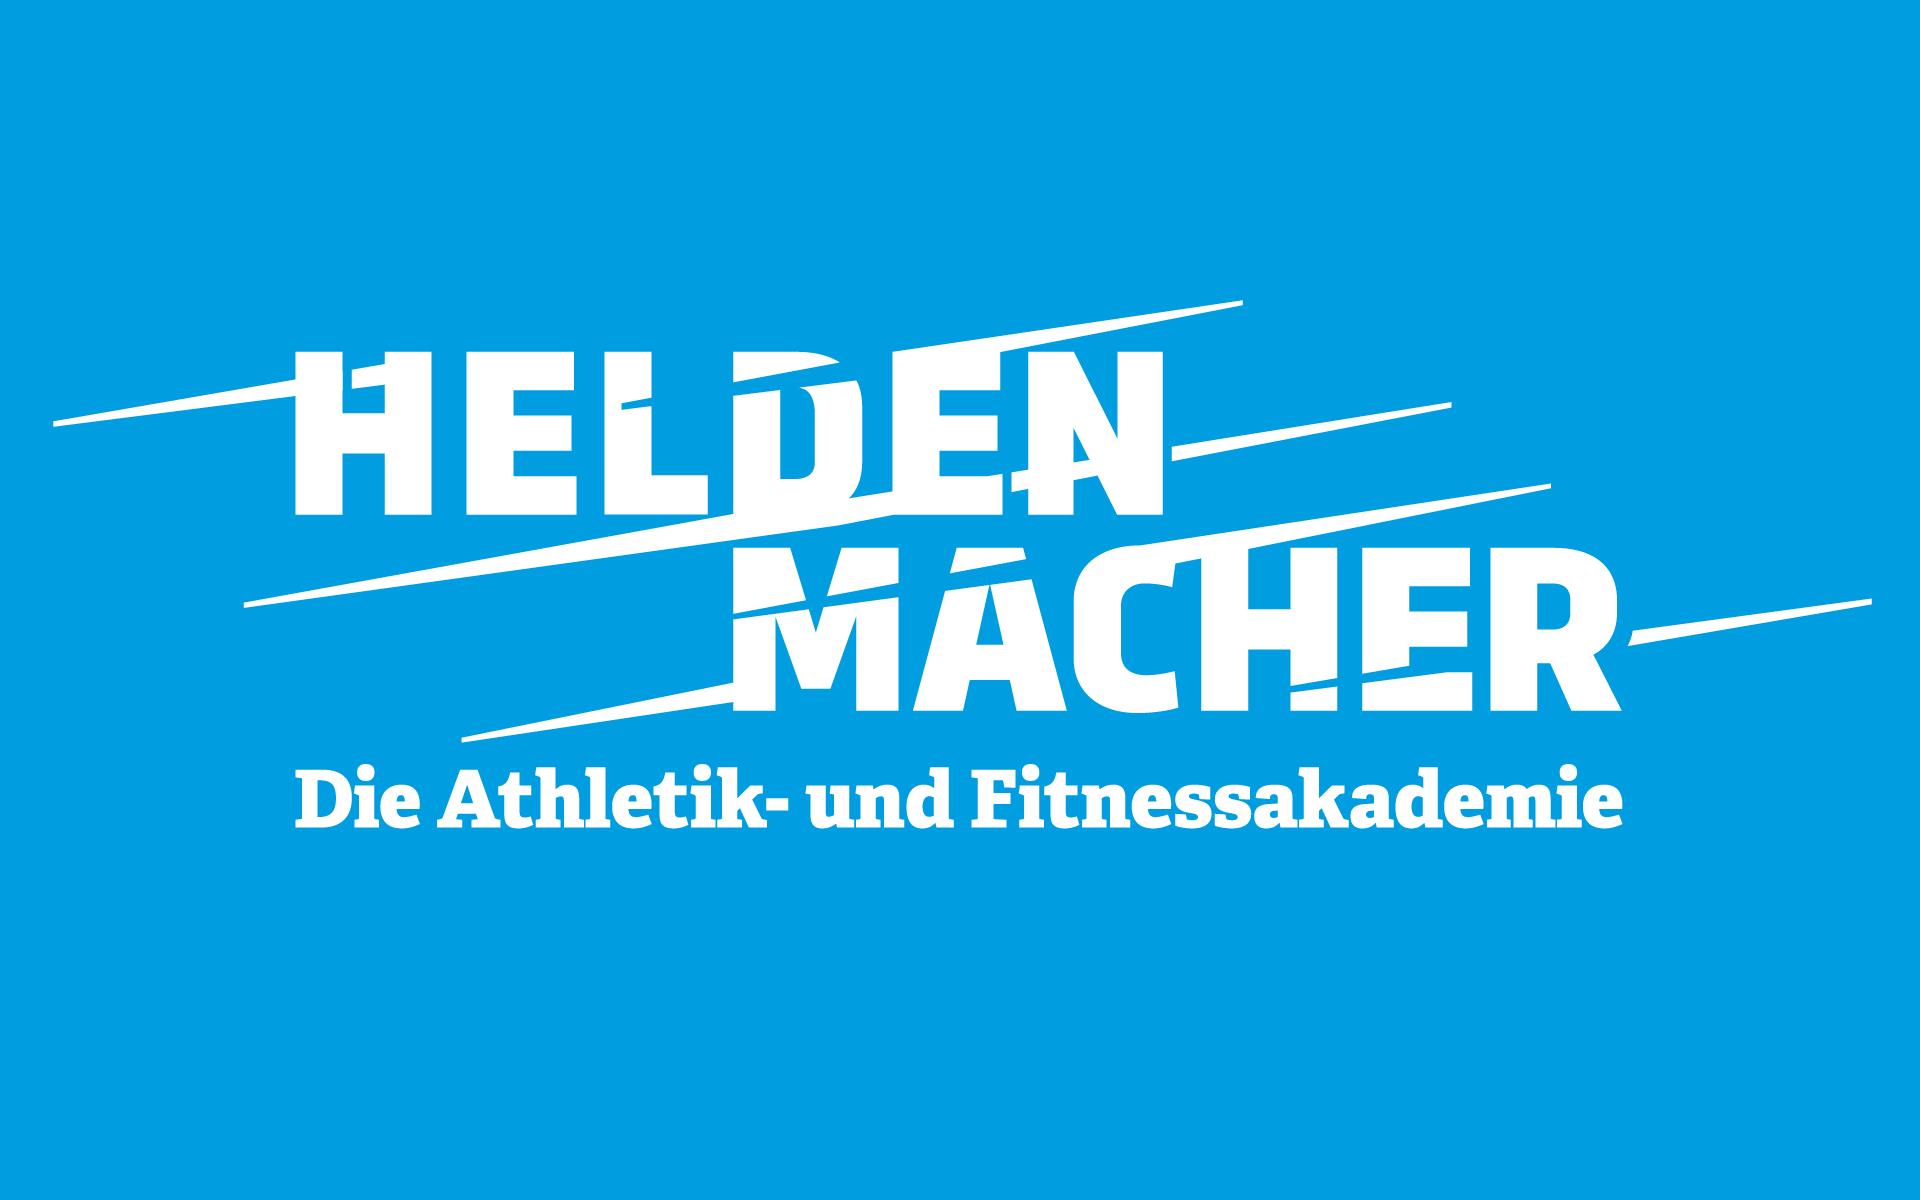 Heldenmacher Corporate Design & Website, Logotype – auf blauem Grund